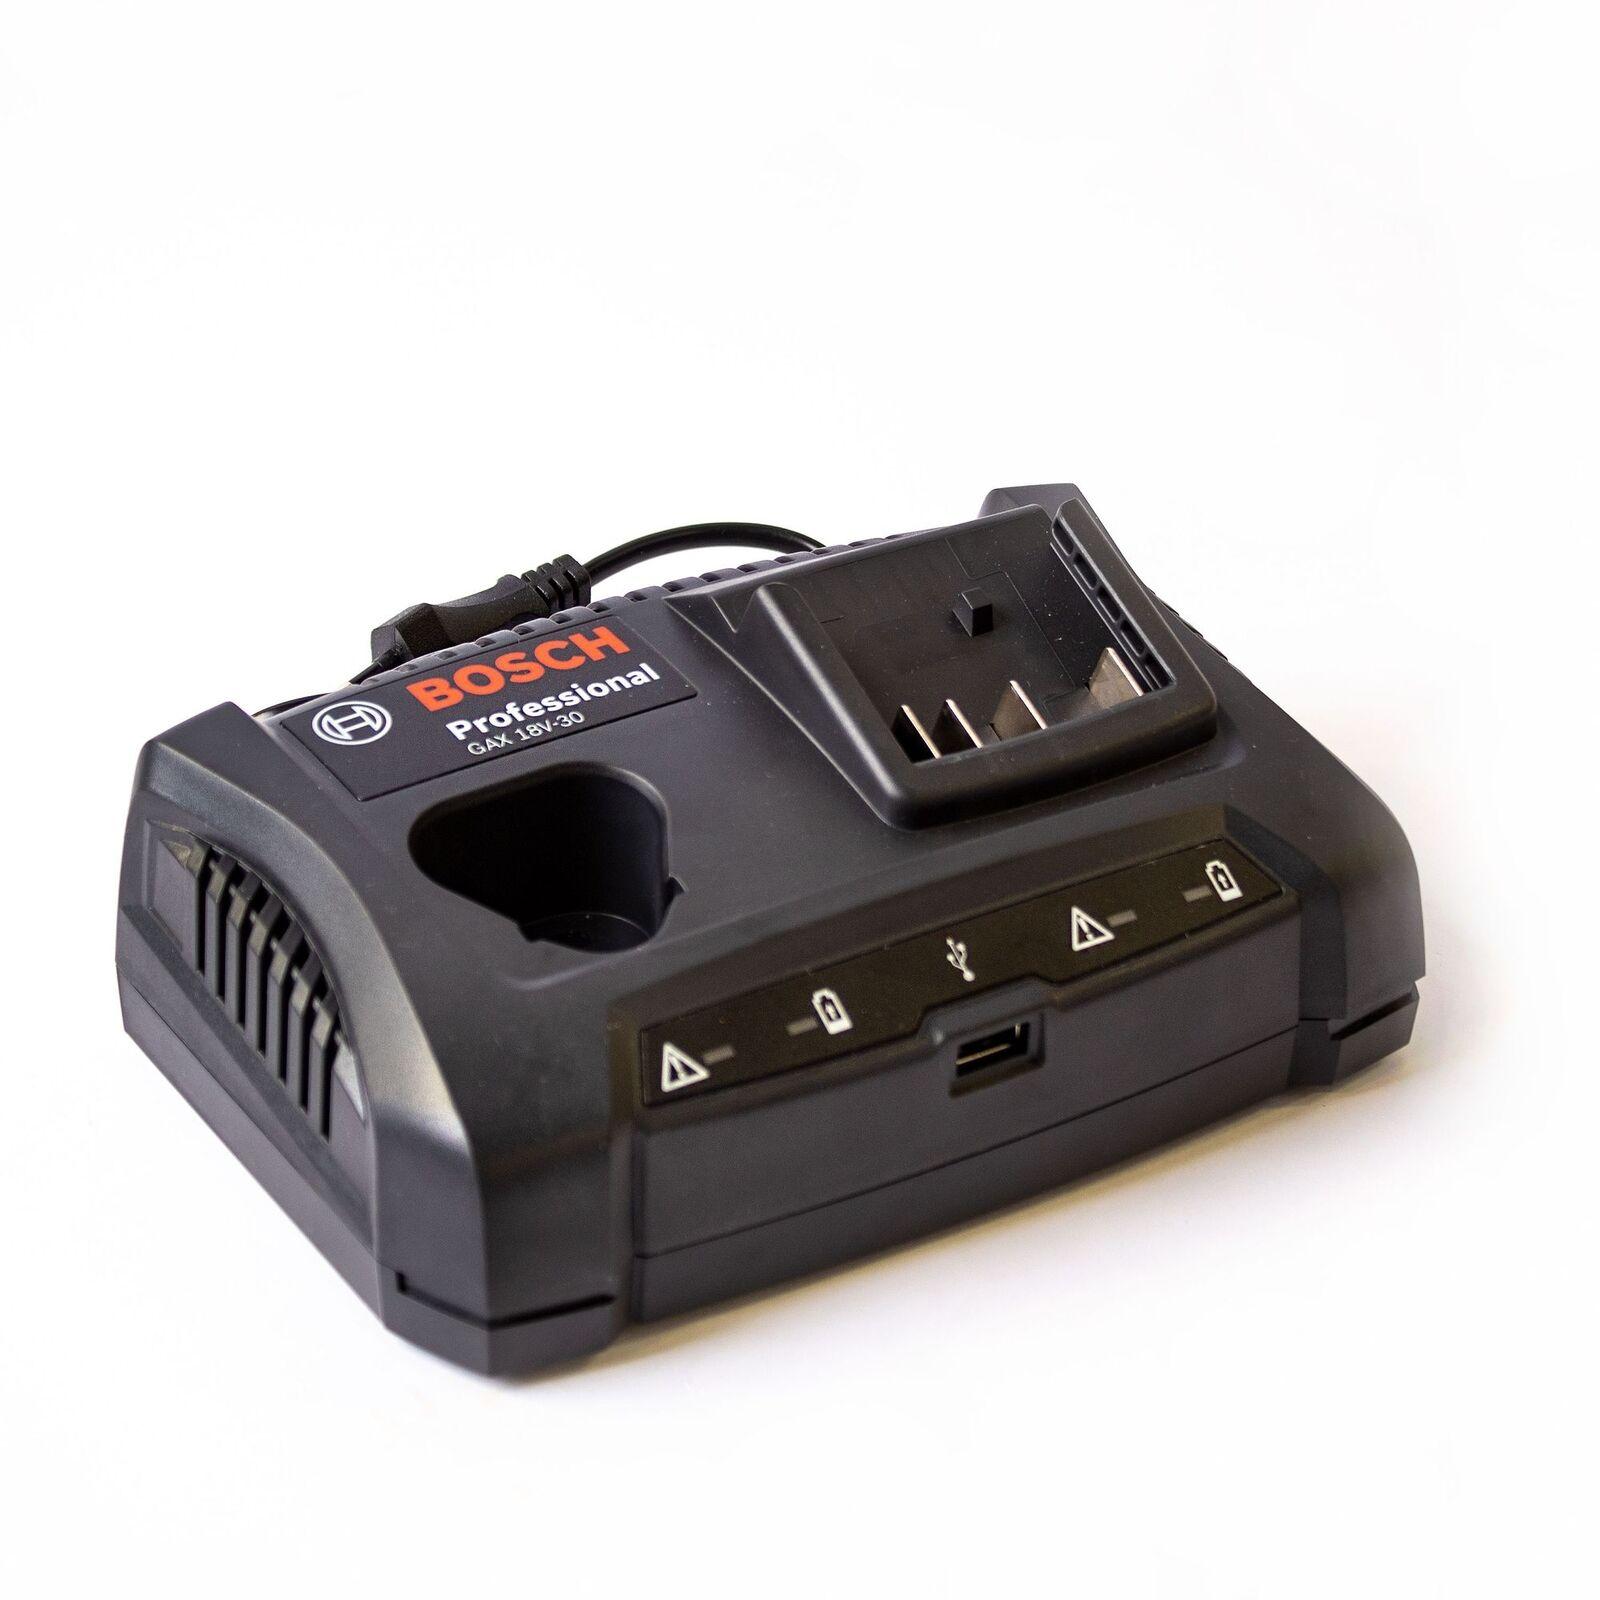 Bosch Ladegerät GAX 18 V-30 - Dual Bay-, Multivolt- und USB-Schnellladegerät